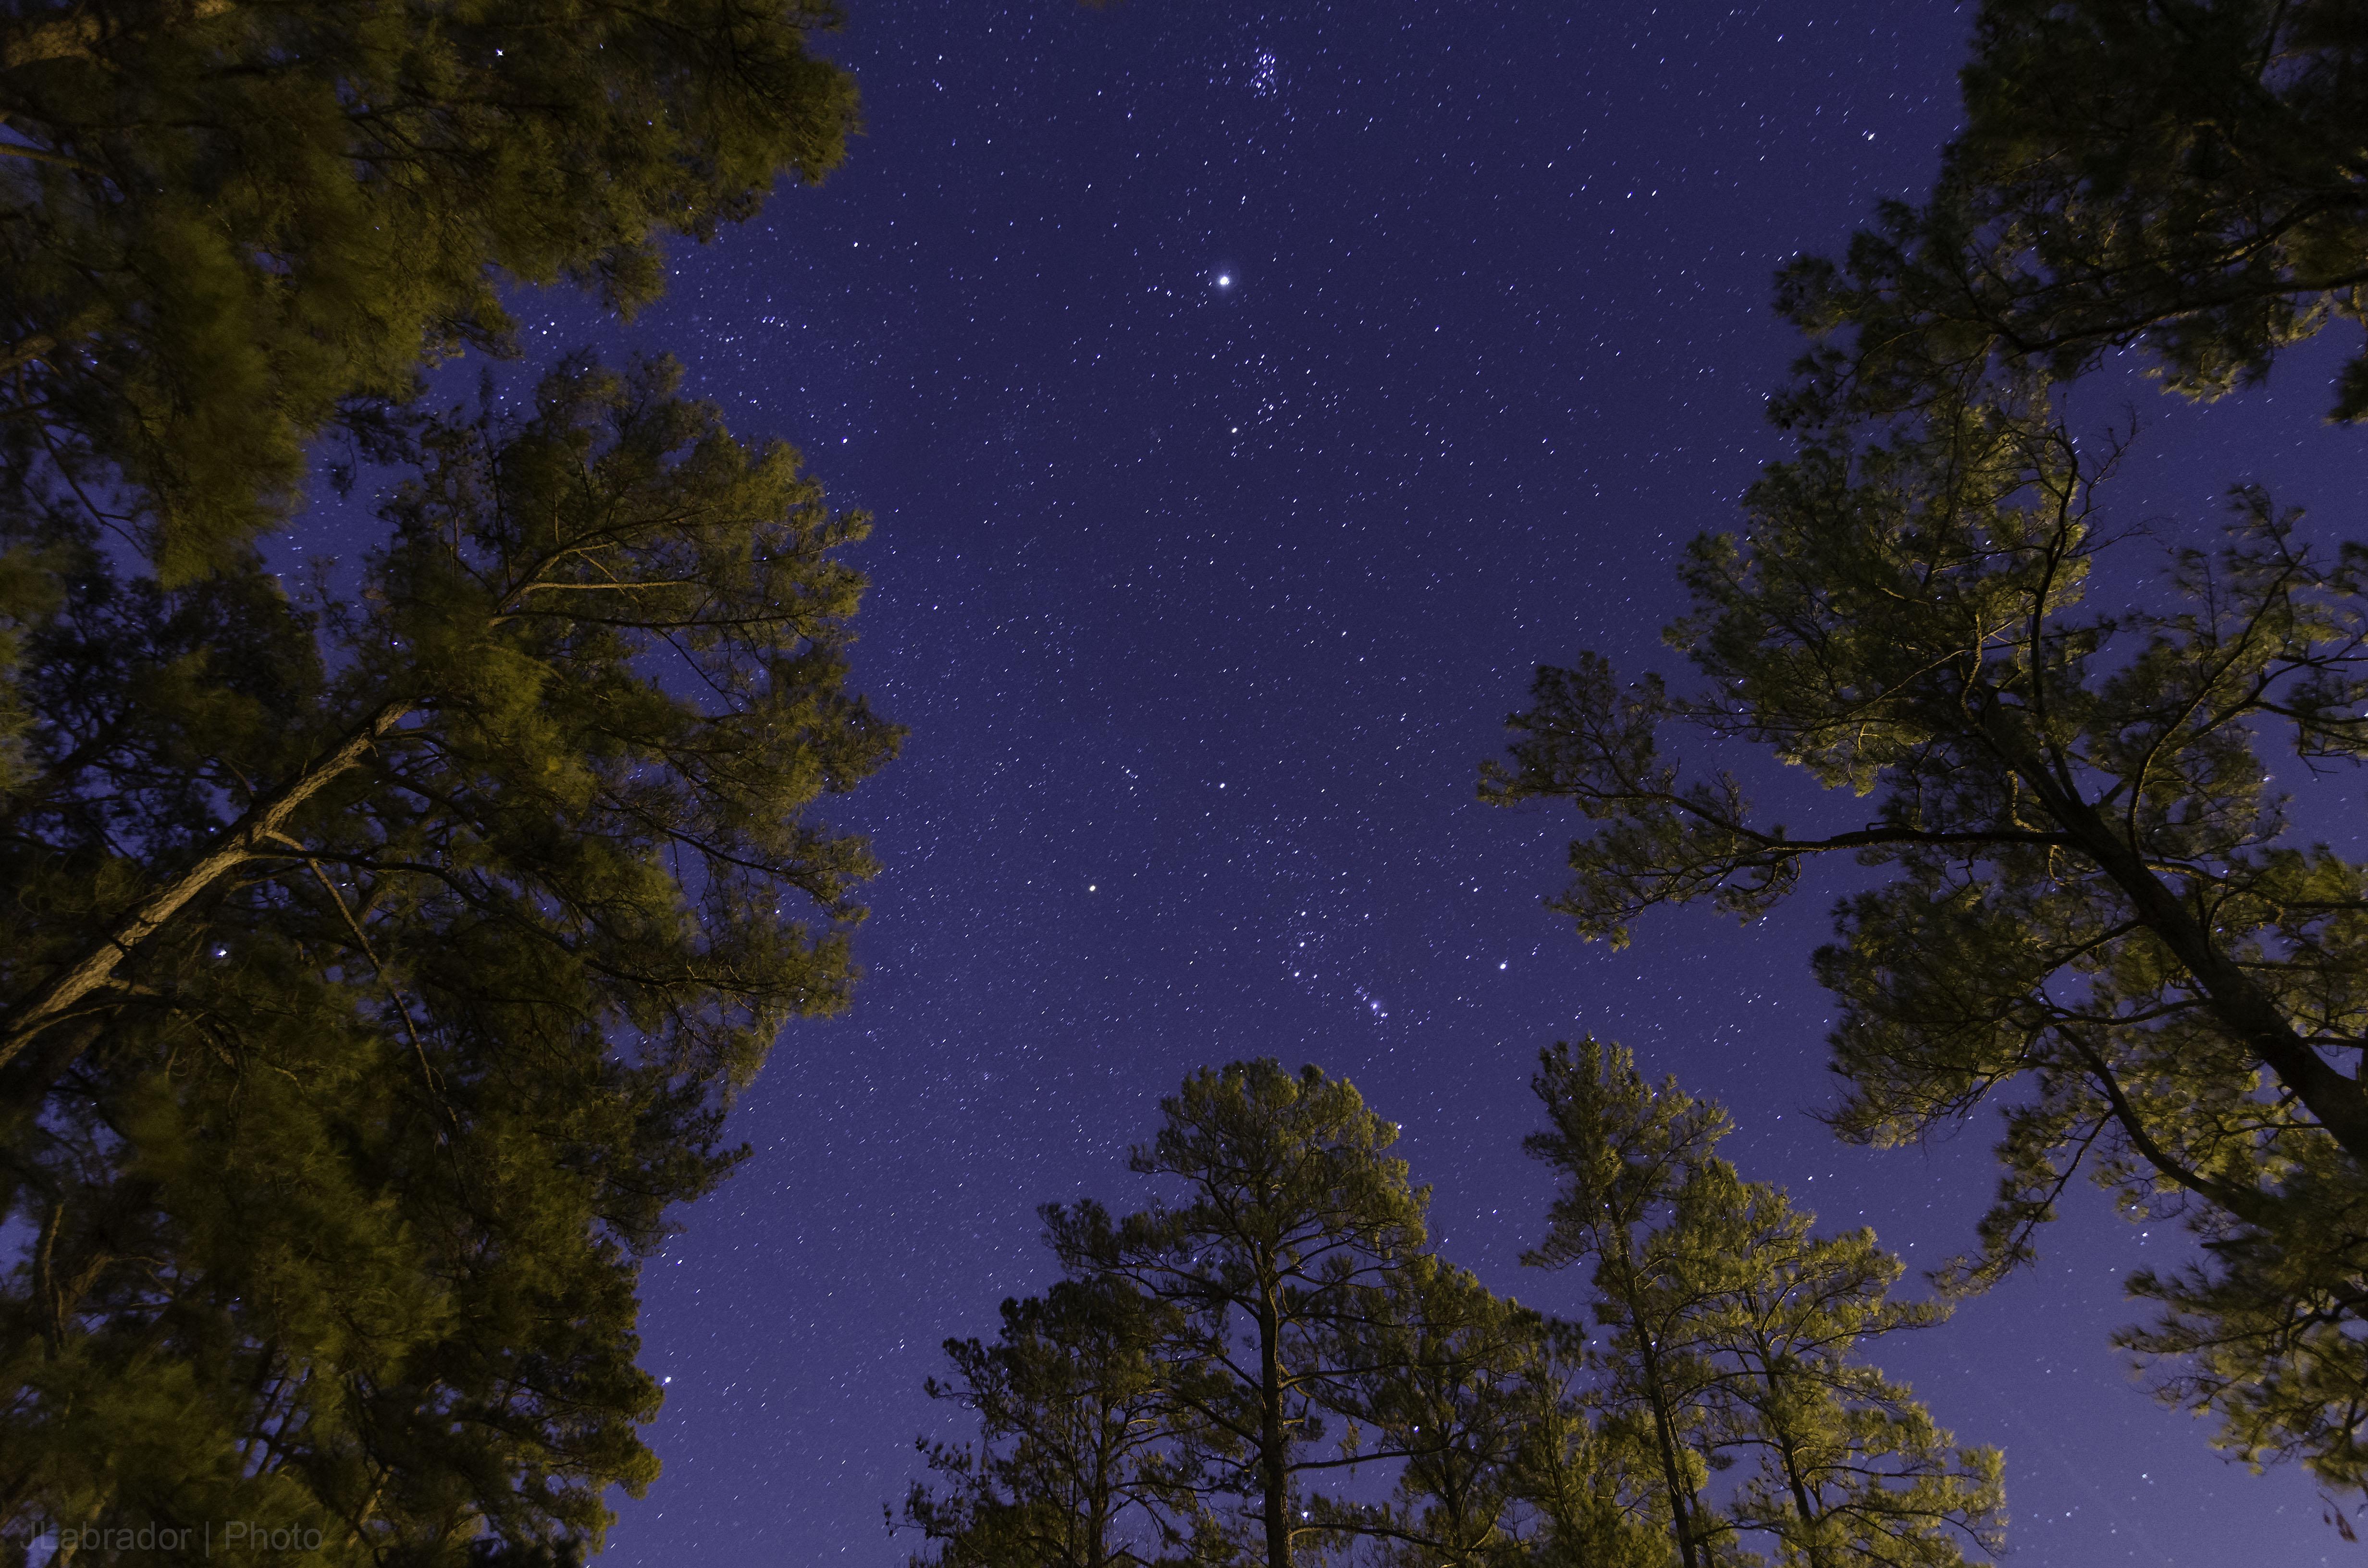 сегодняшний картинки ночное небо и деревья волки